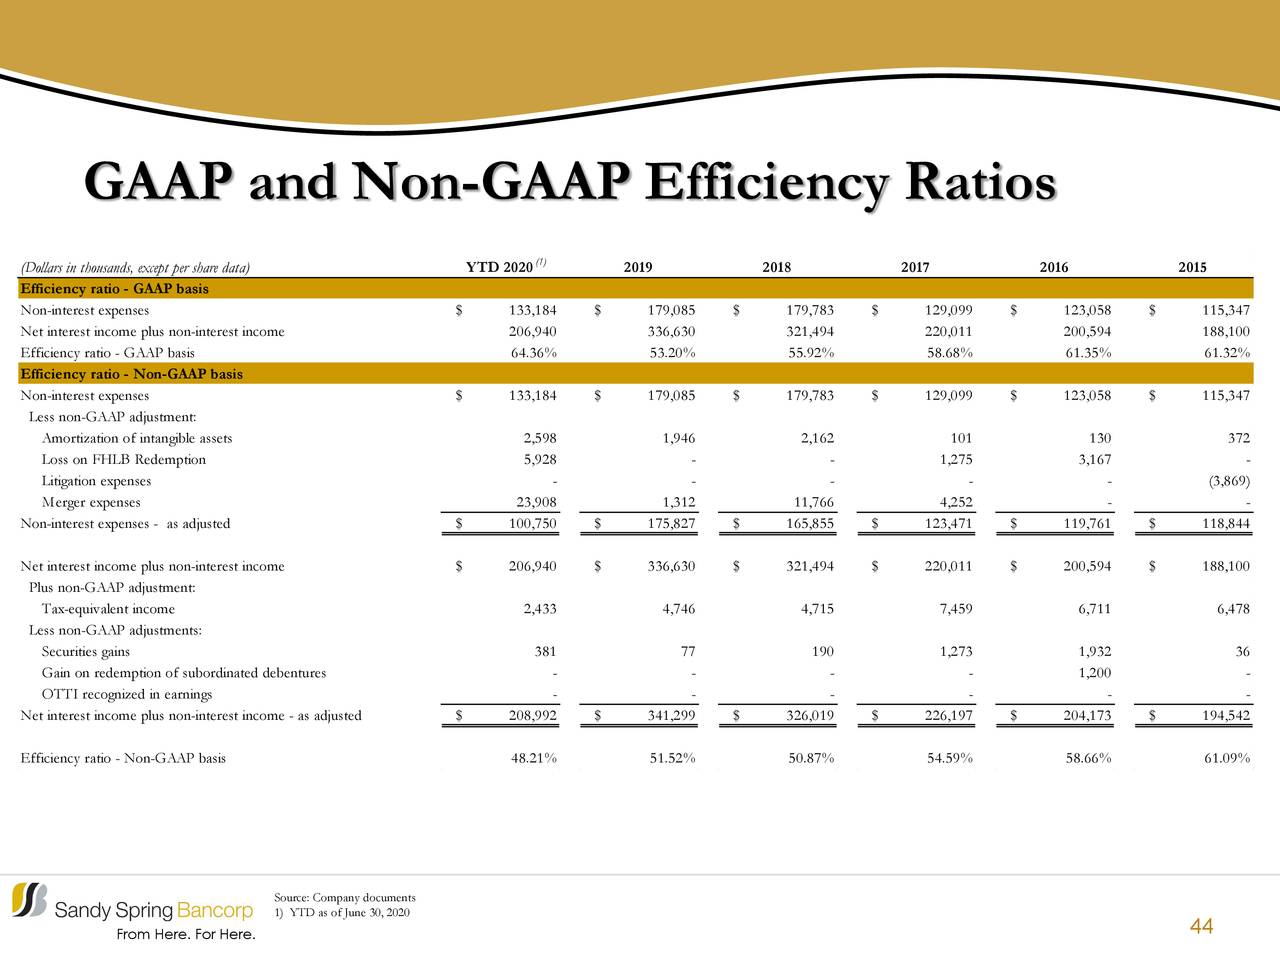 Ratios de eficiencia GAAP y no GAAP